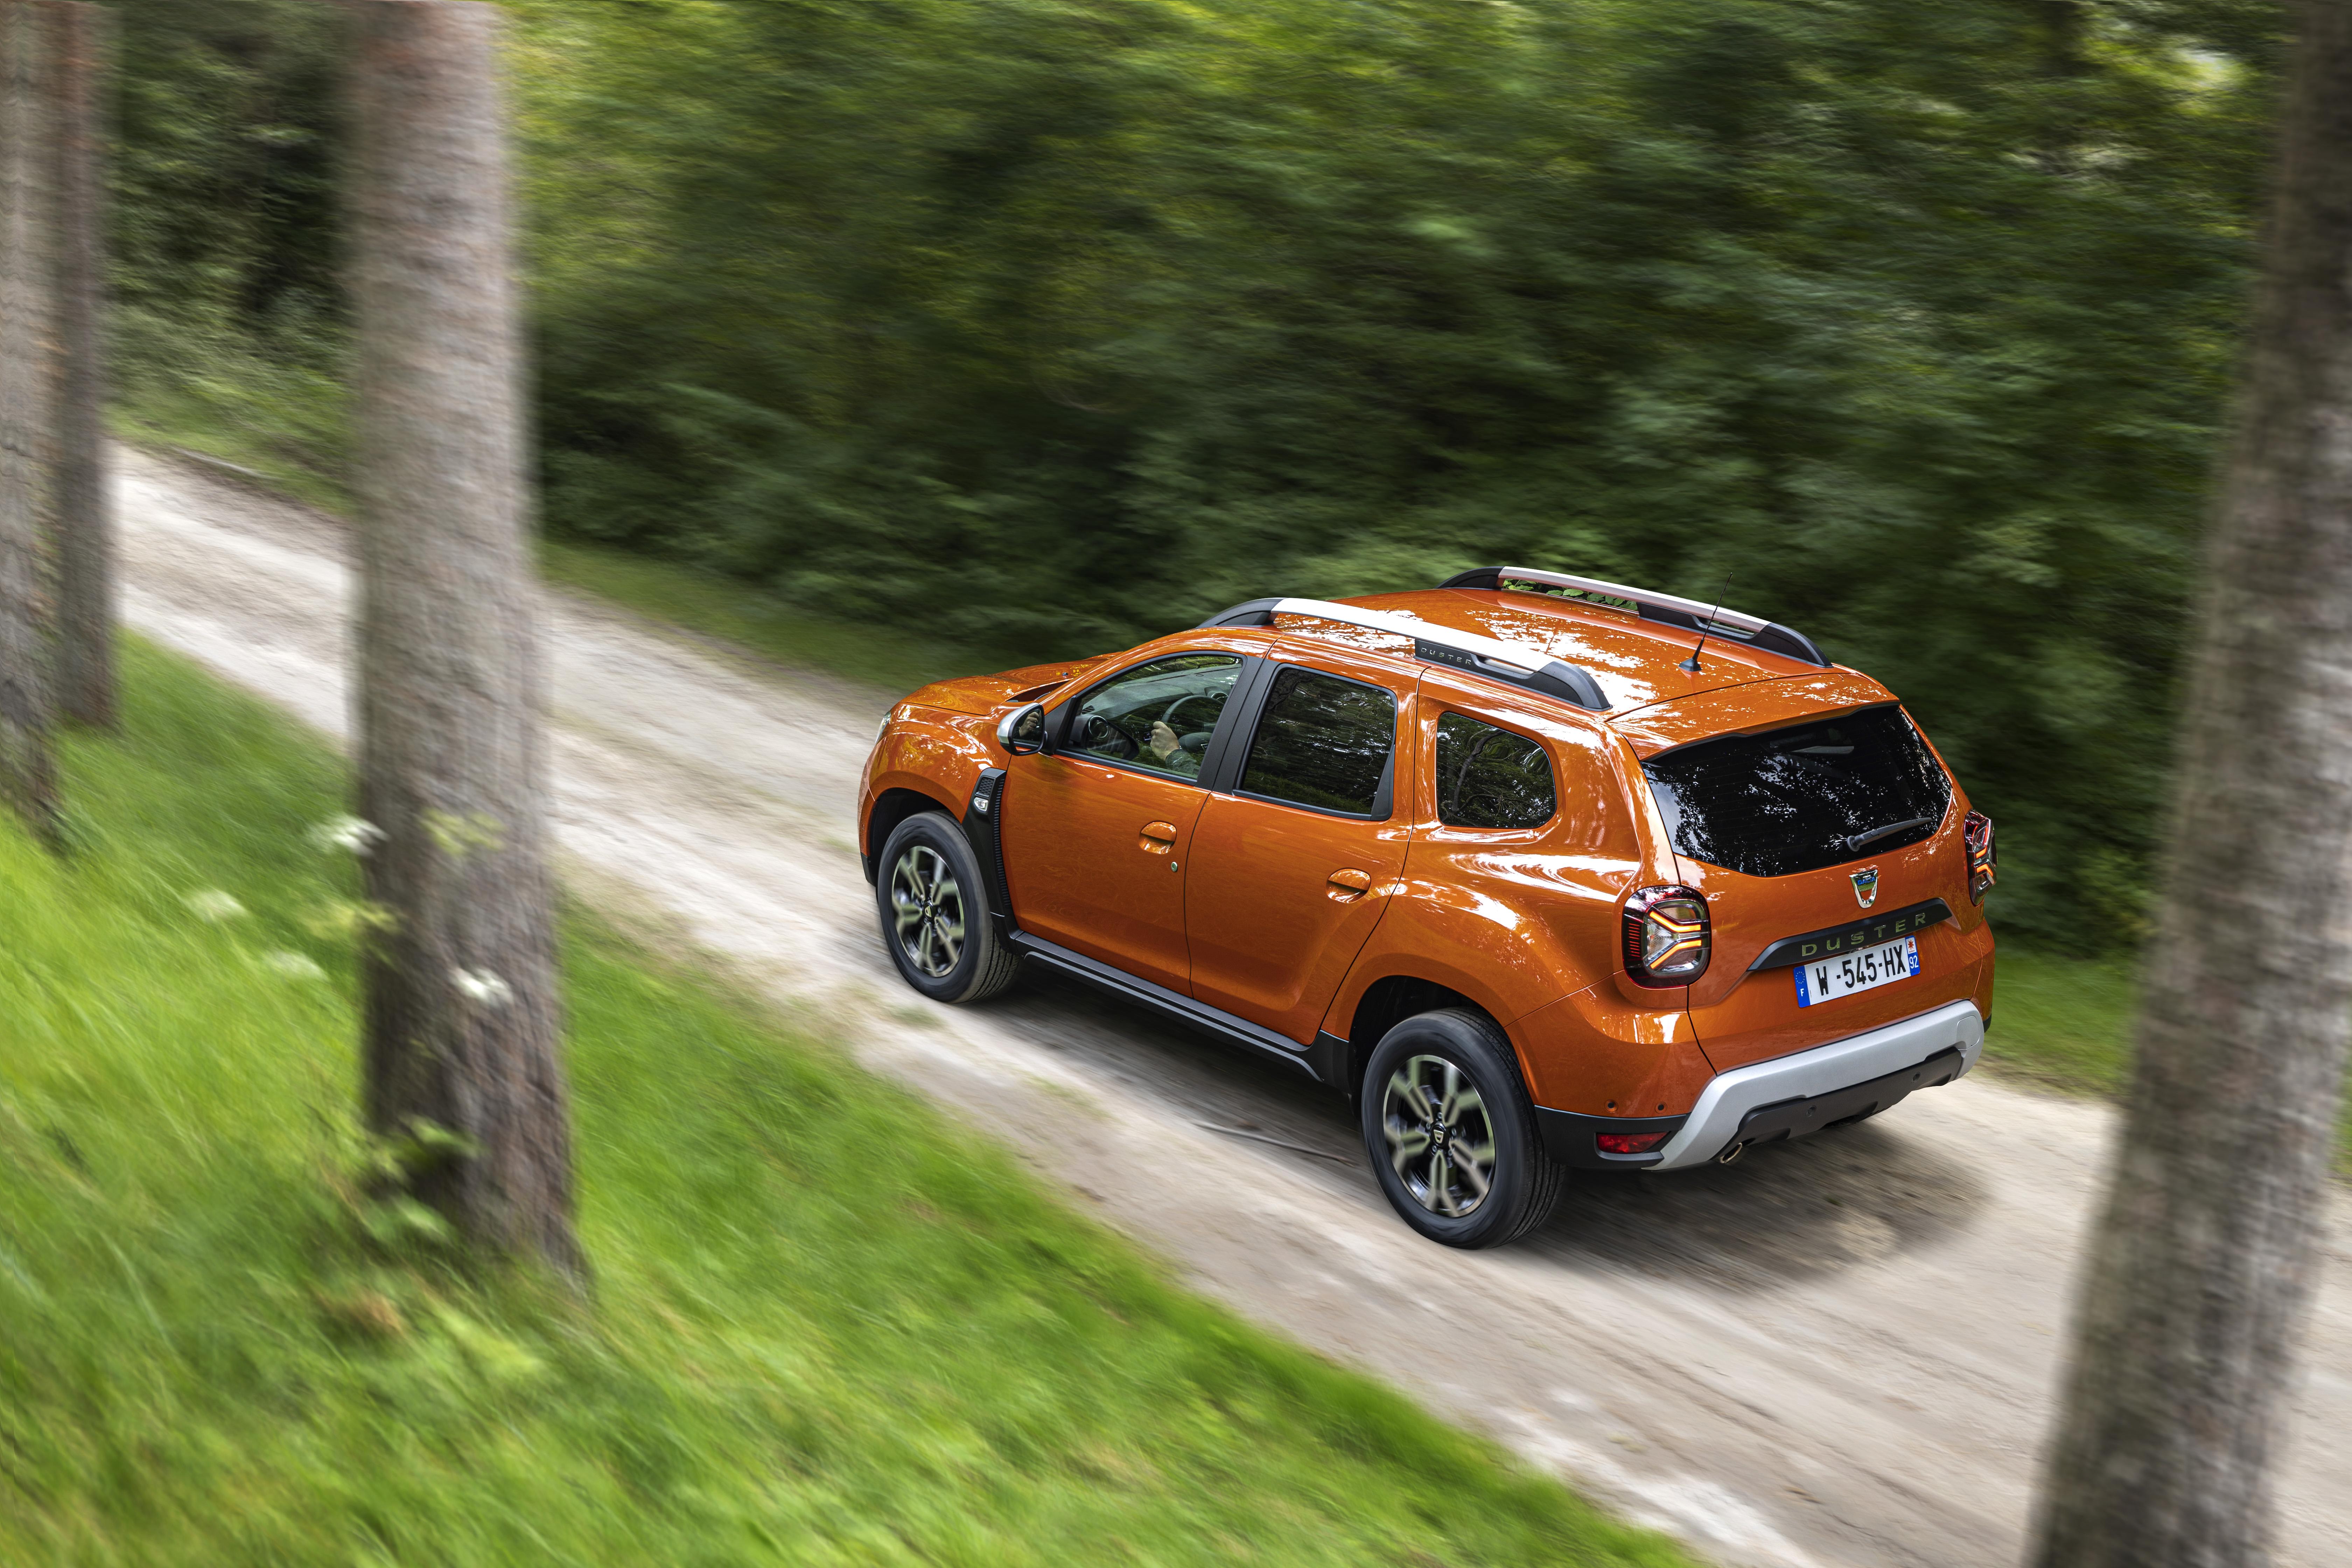 2021 - New Dacia Duster 4X2 - Arizona Orange tests drive (1)